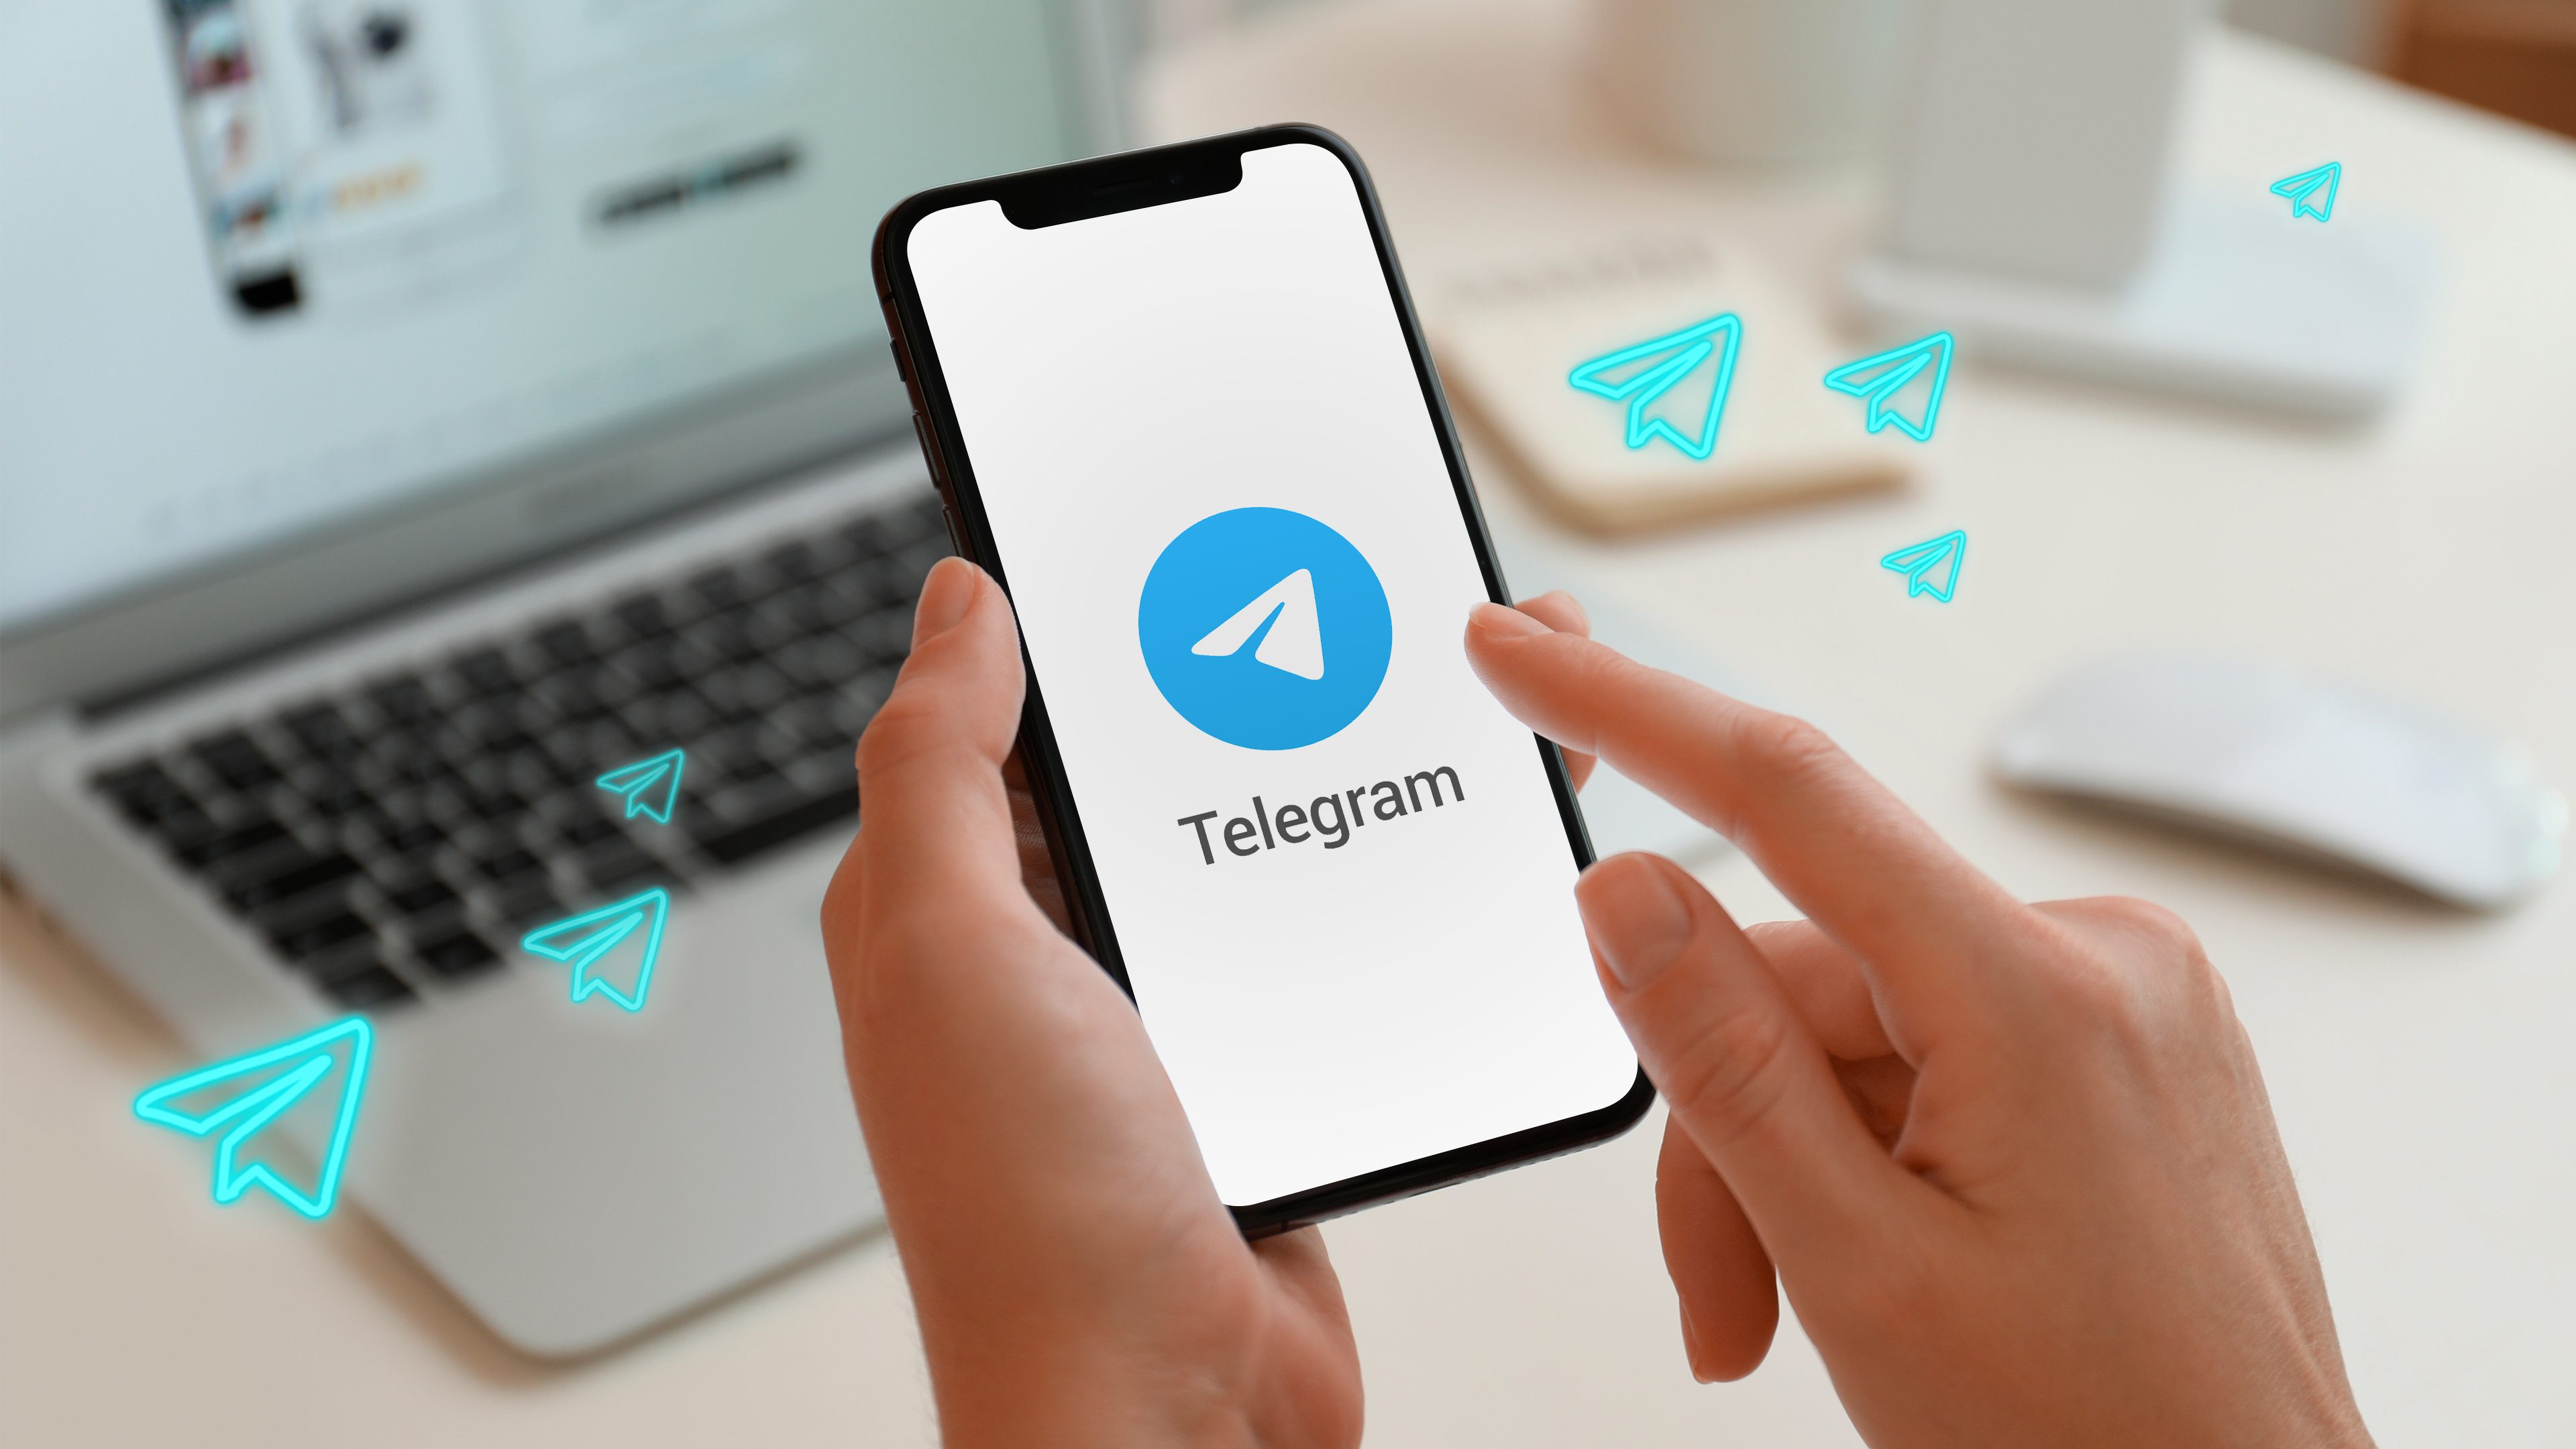 مؤسس تليغرام: 70 مليون مستخدم انضموا للتطبيق بعد تعطل فيسبوك